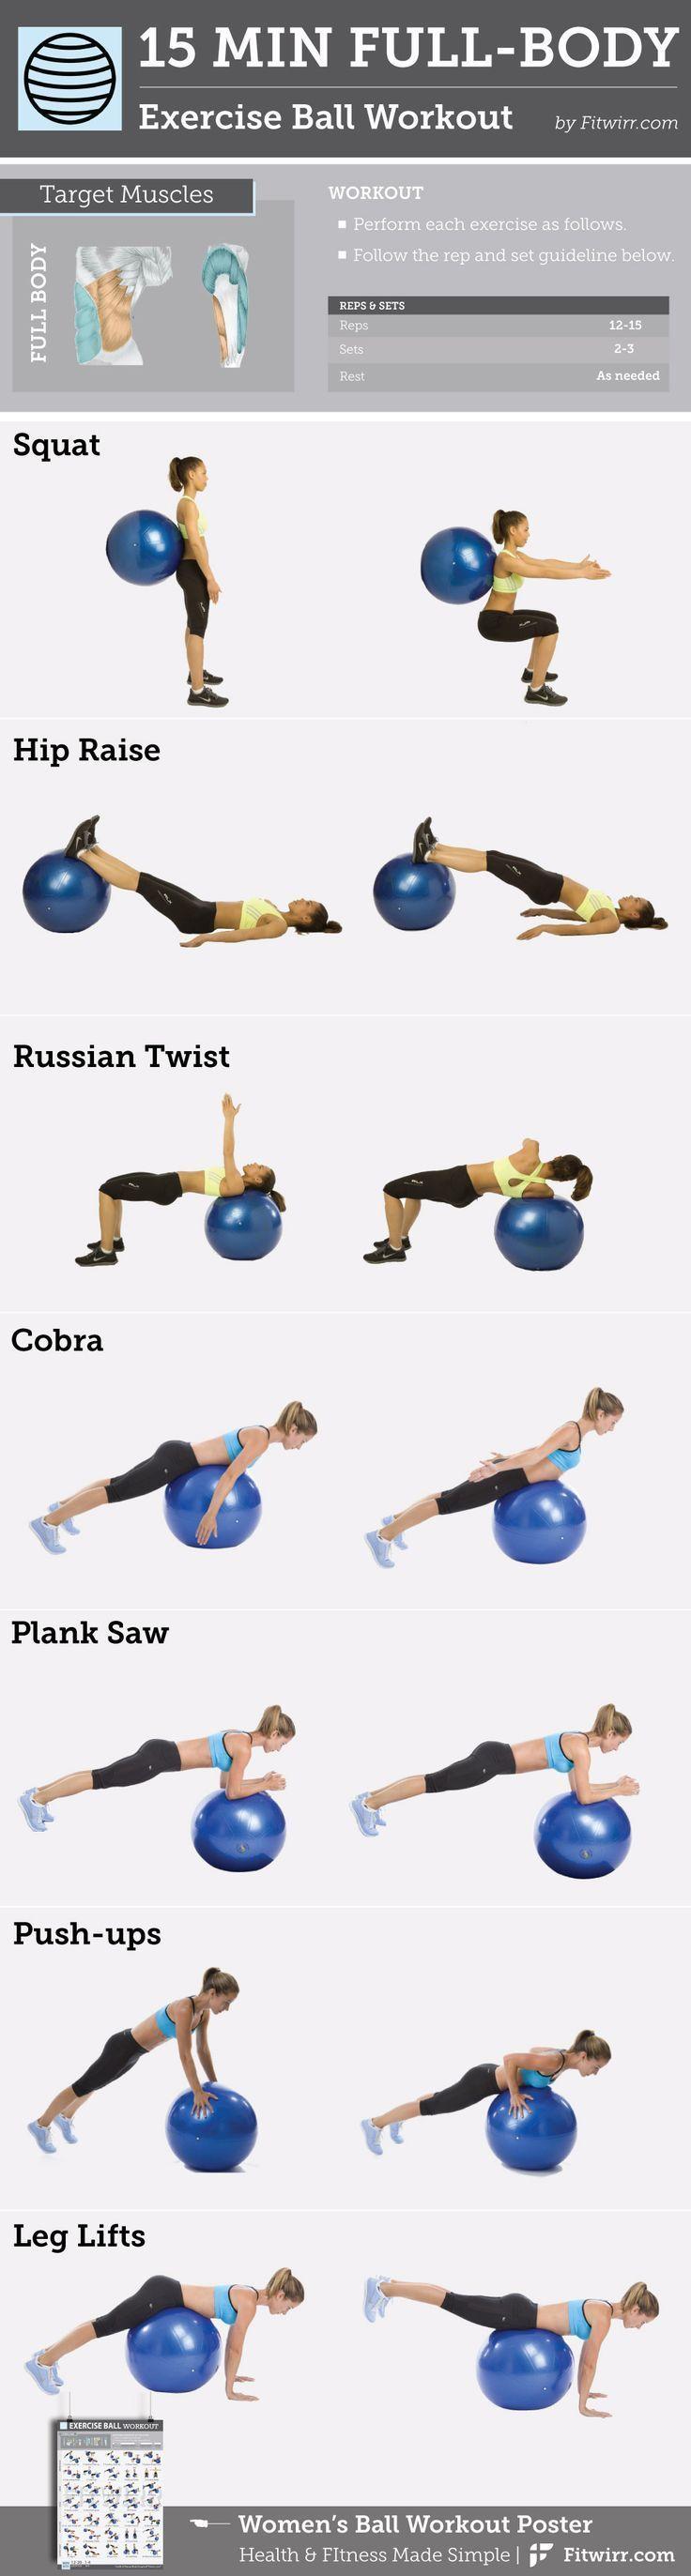 15-Minuten-Ganzkörperübungsball #Workout content @ www.pinterest.com ...  #con... - Fitness - #15Min...